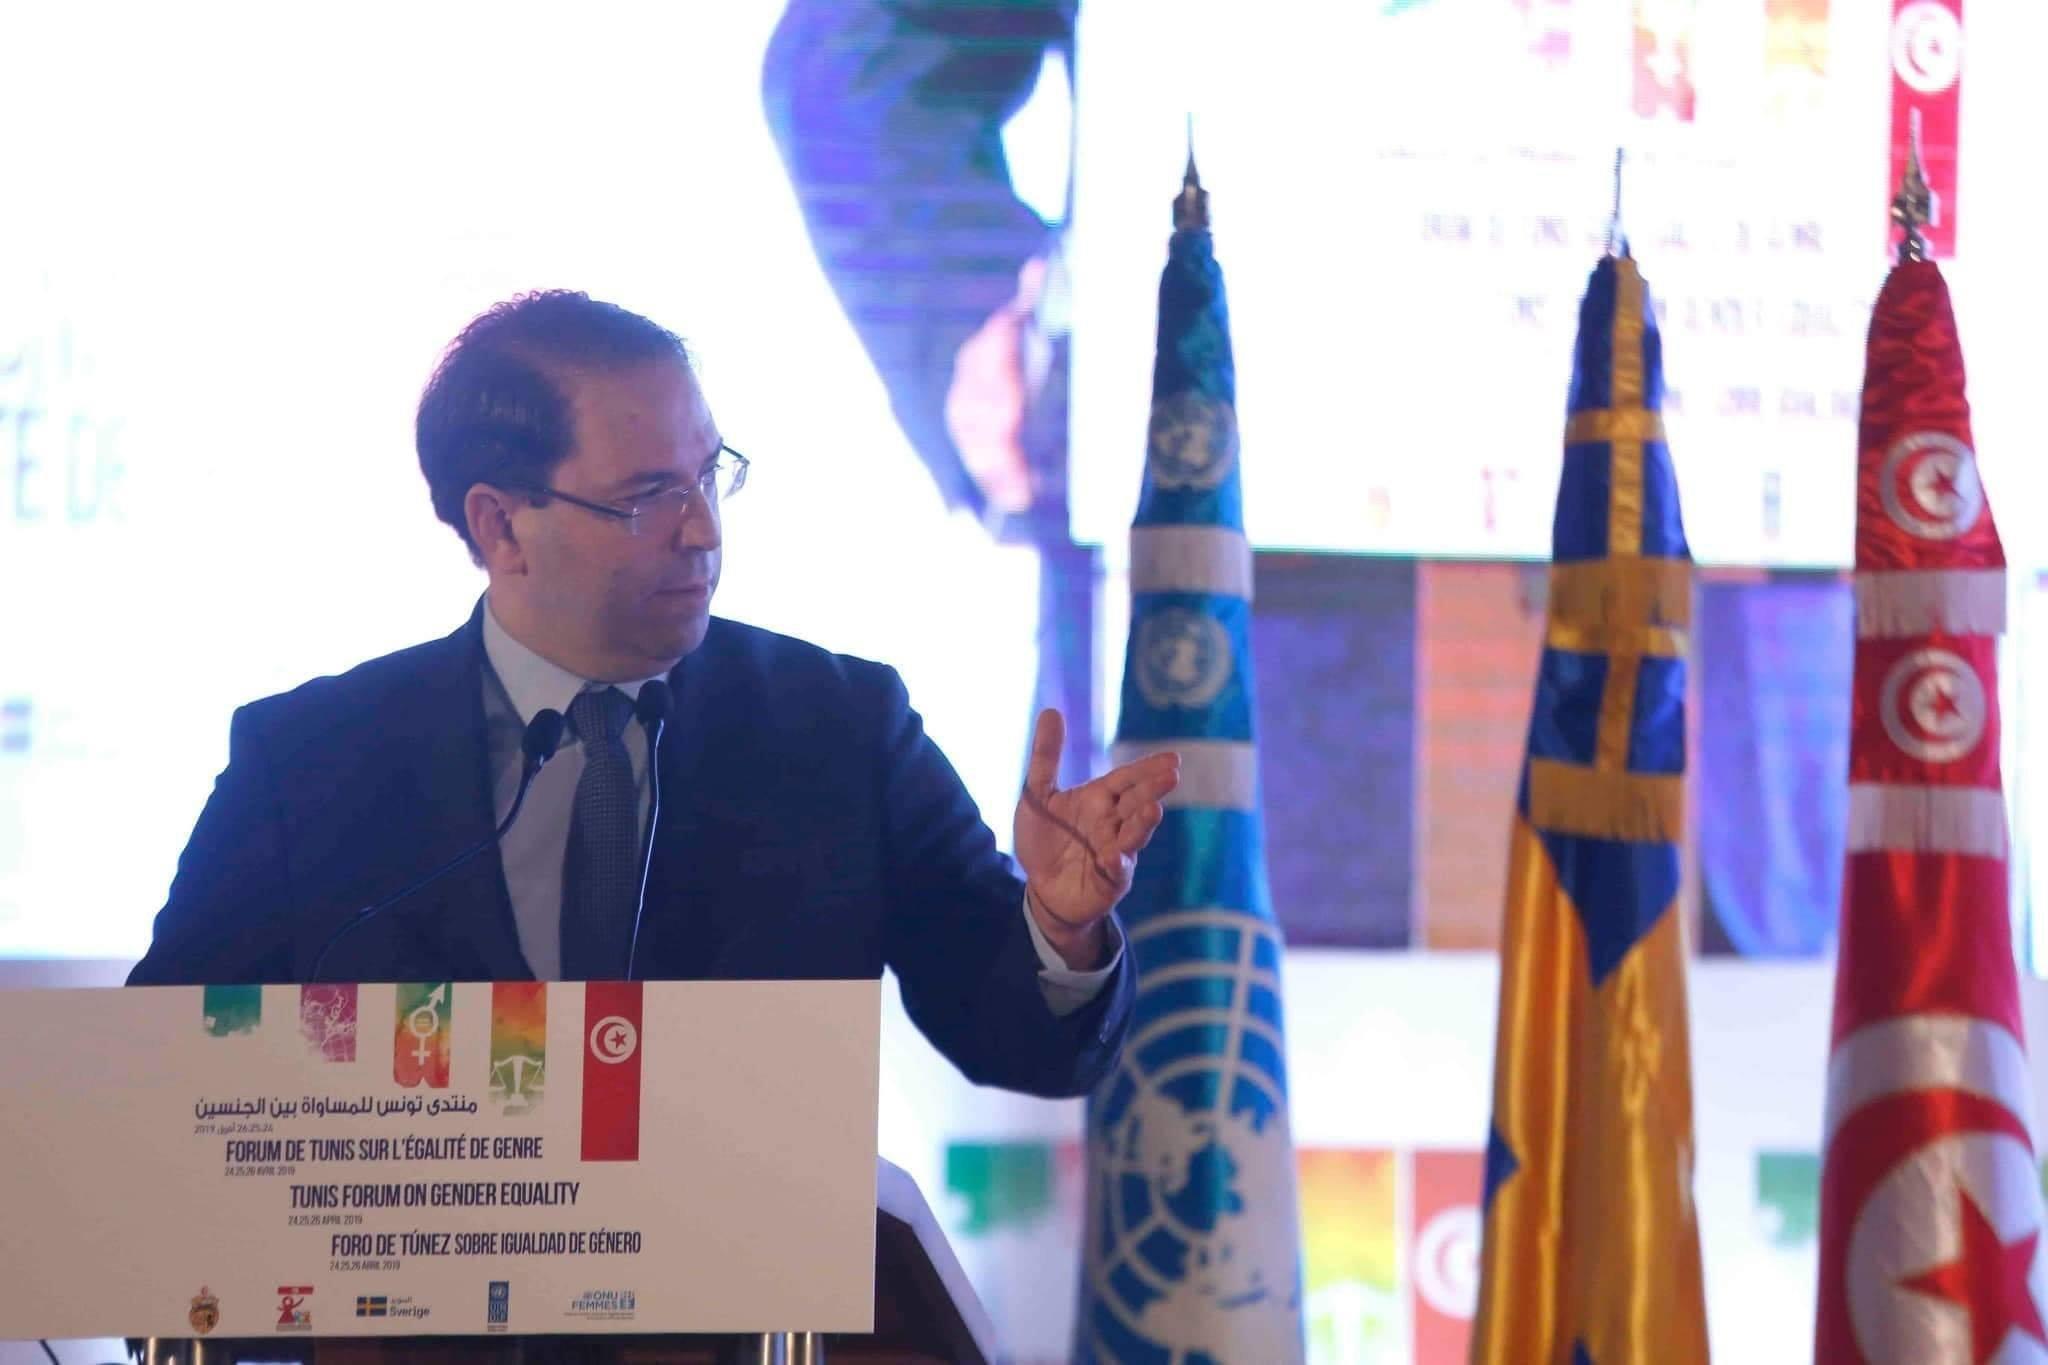 Le chef du gouvernement annonce la publication d'une circulaire promouvant l'égalité de genre dans l'accès aux postes gouvern...